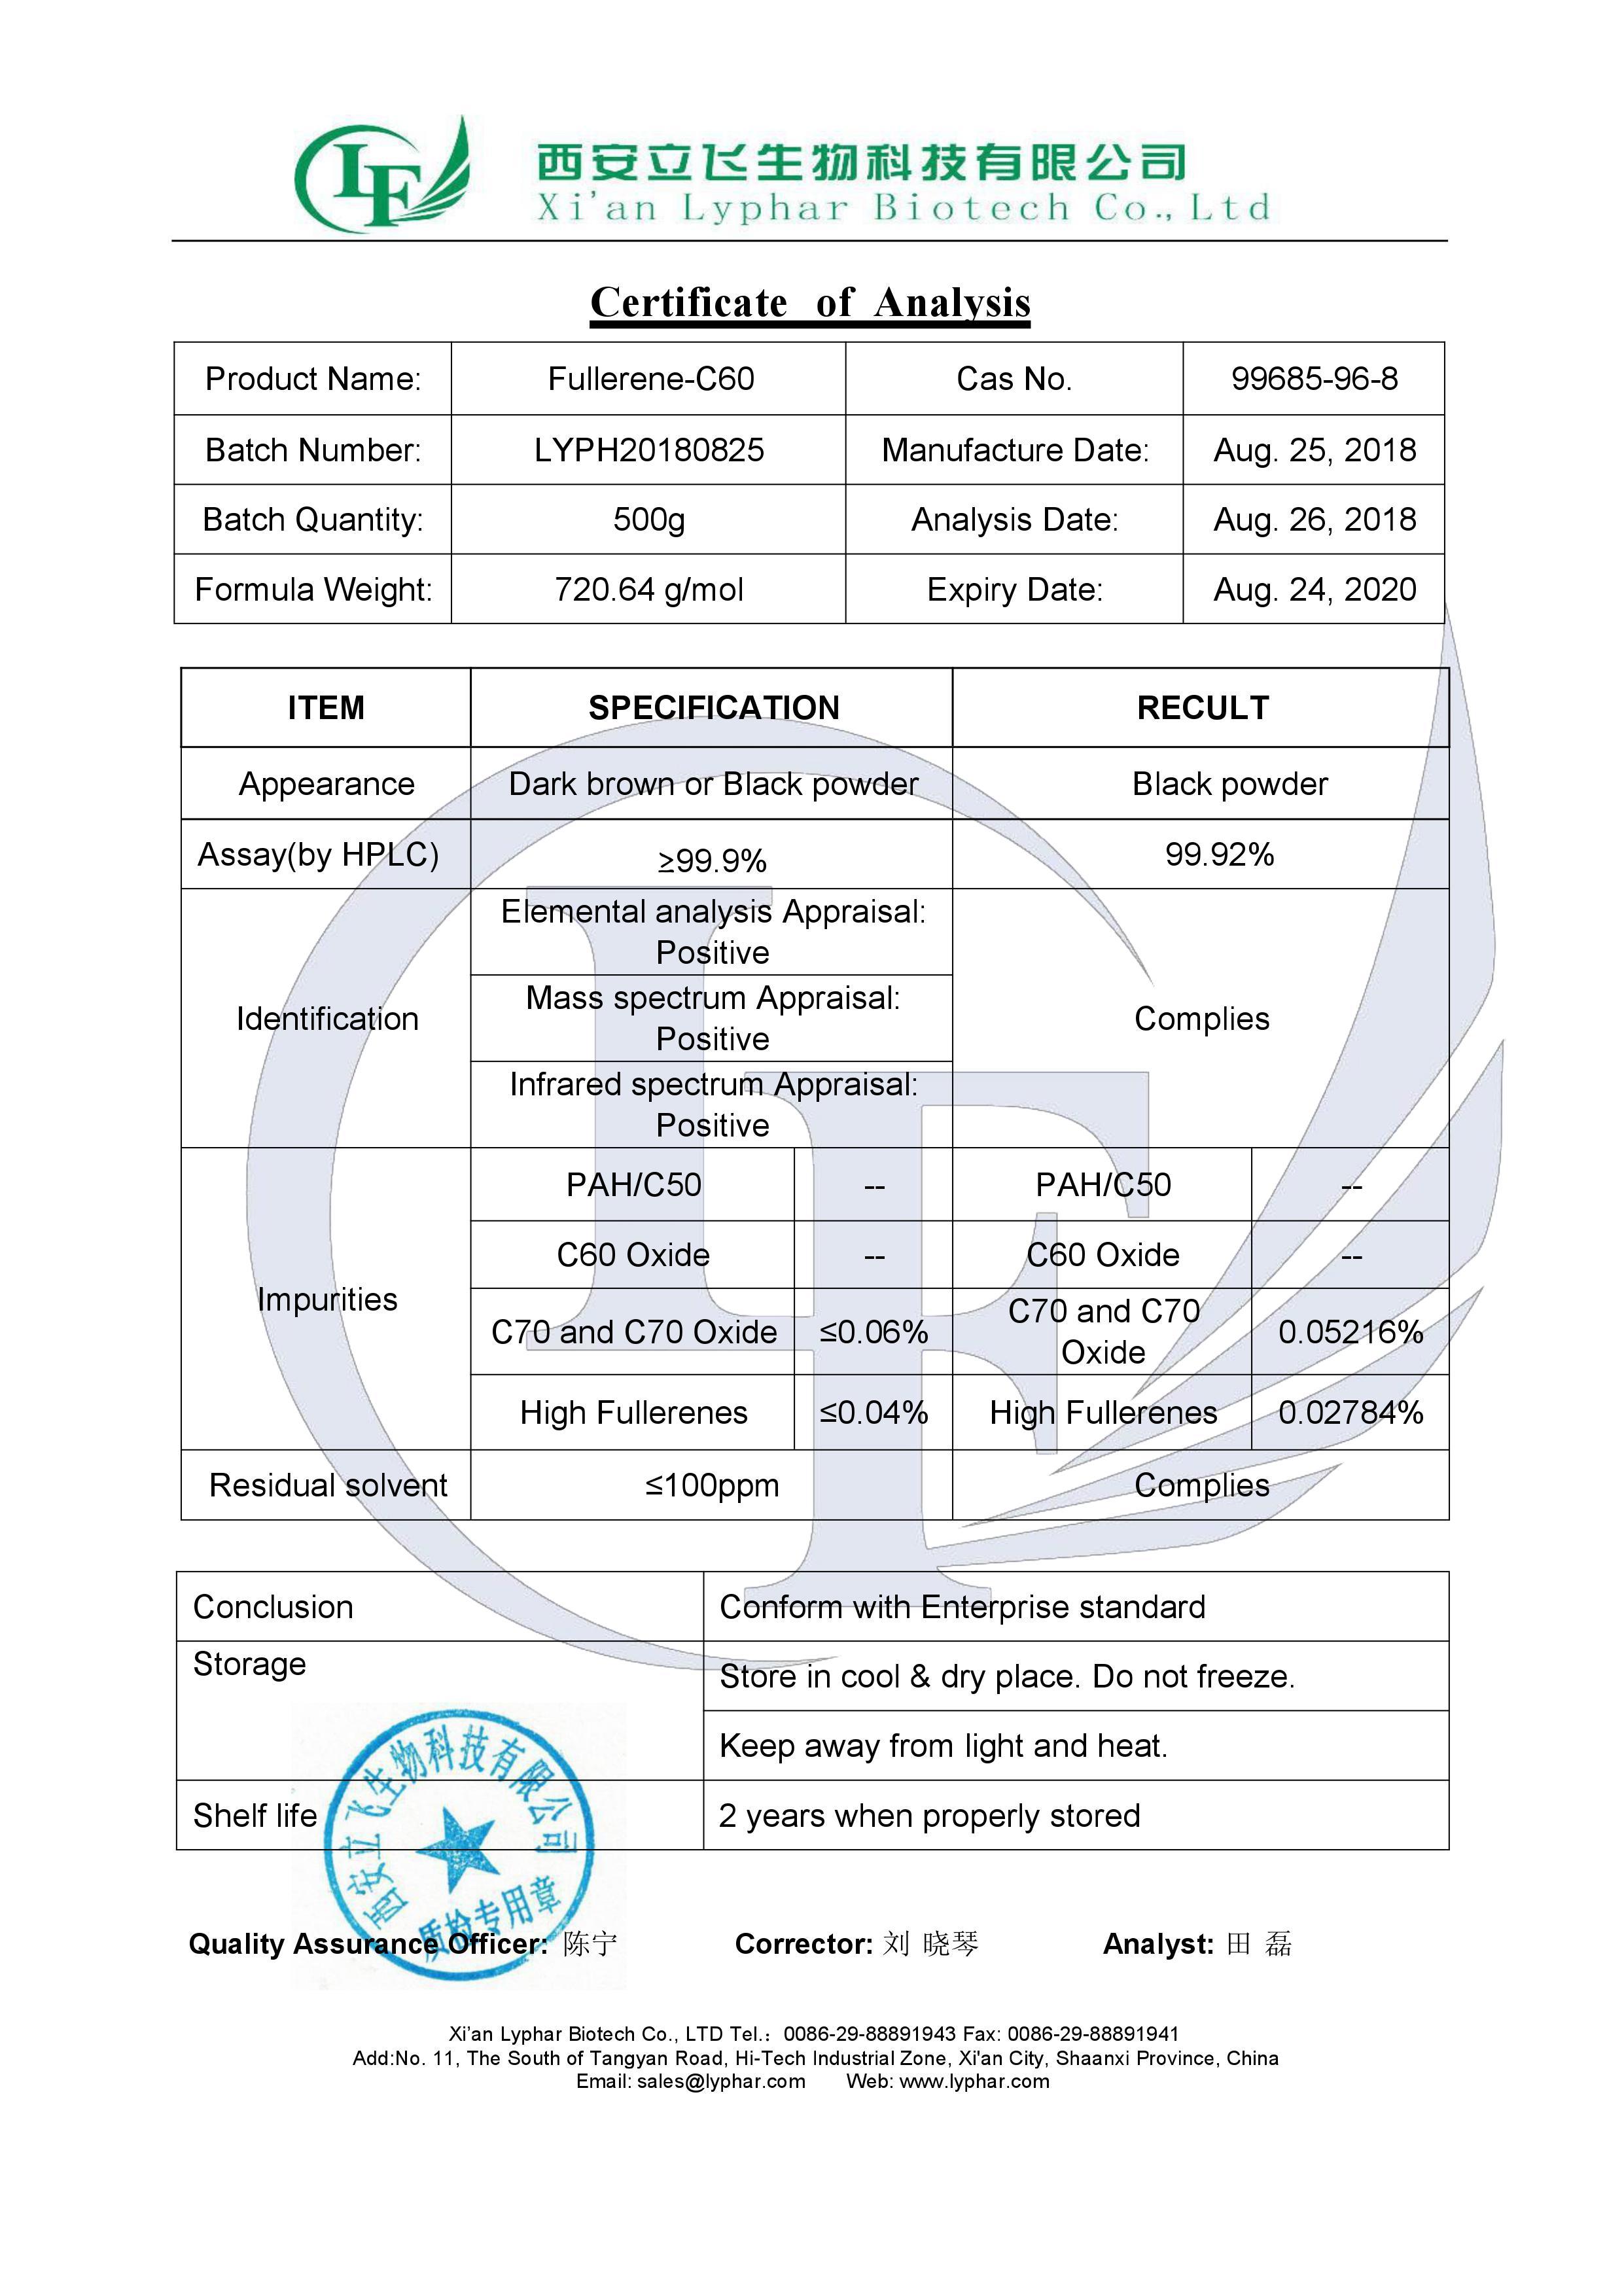 Cosmétique et Pharmaceutique Utiliser Fullerène C60 Poudre/Fullerène Poudre